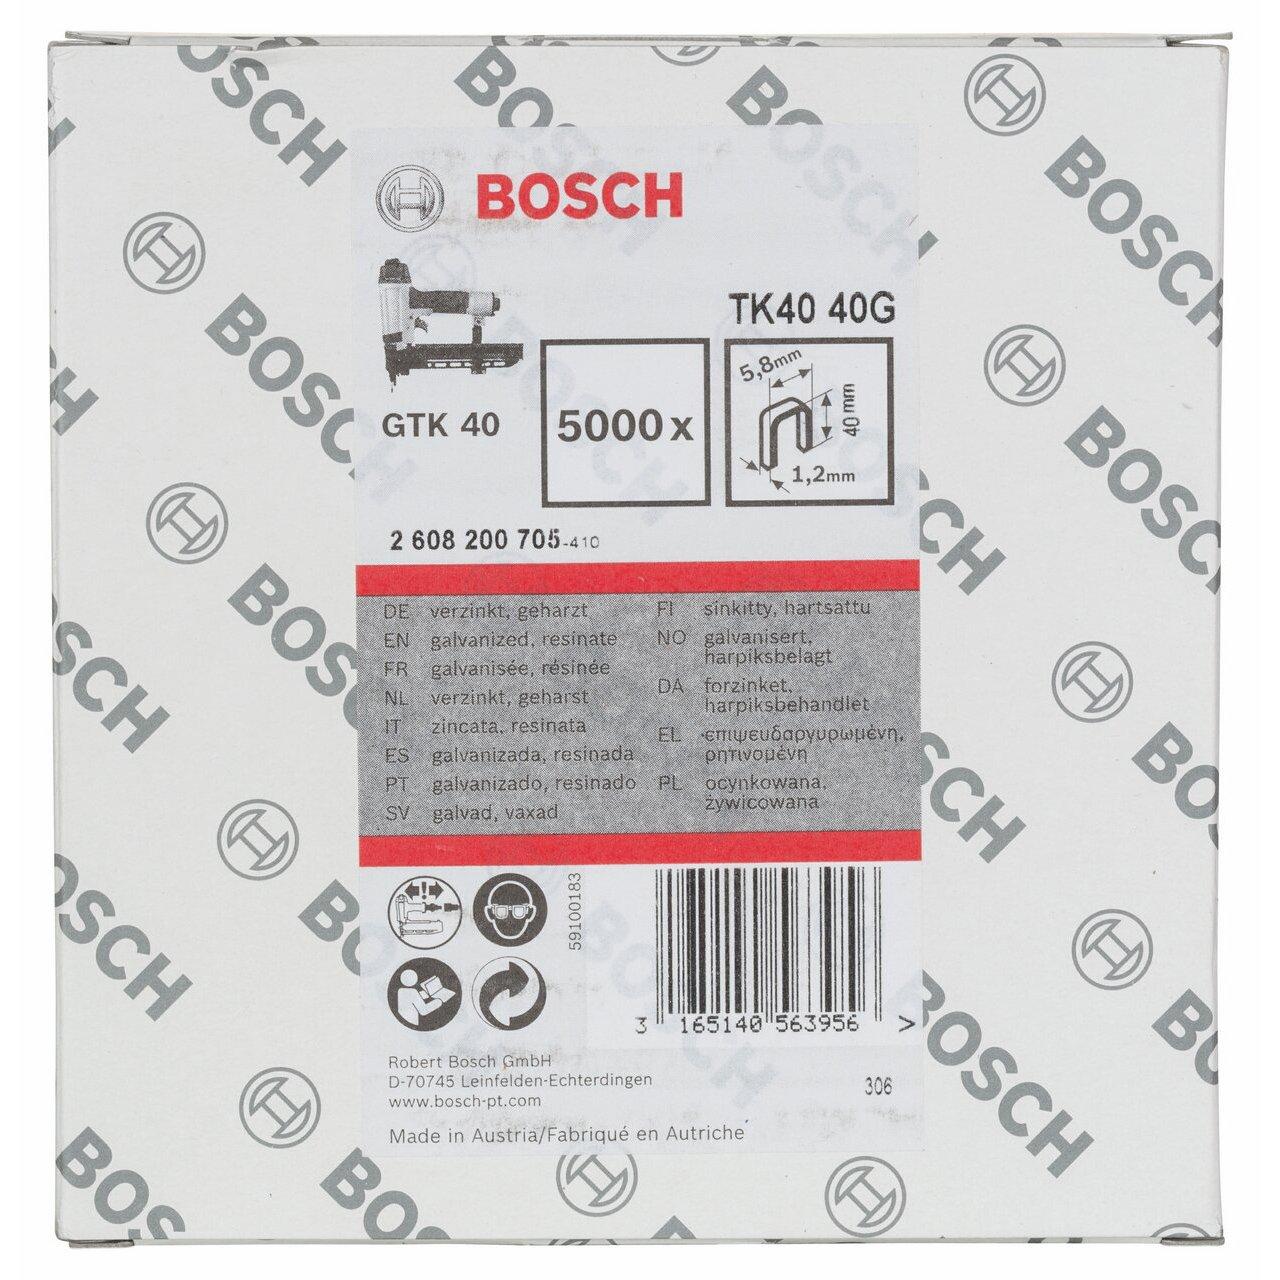 2608200705 BOSCH 40G 1.2 TK40 1.2/18G NARROW CROWN STAPLE by Bosch